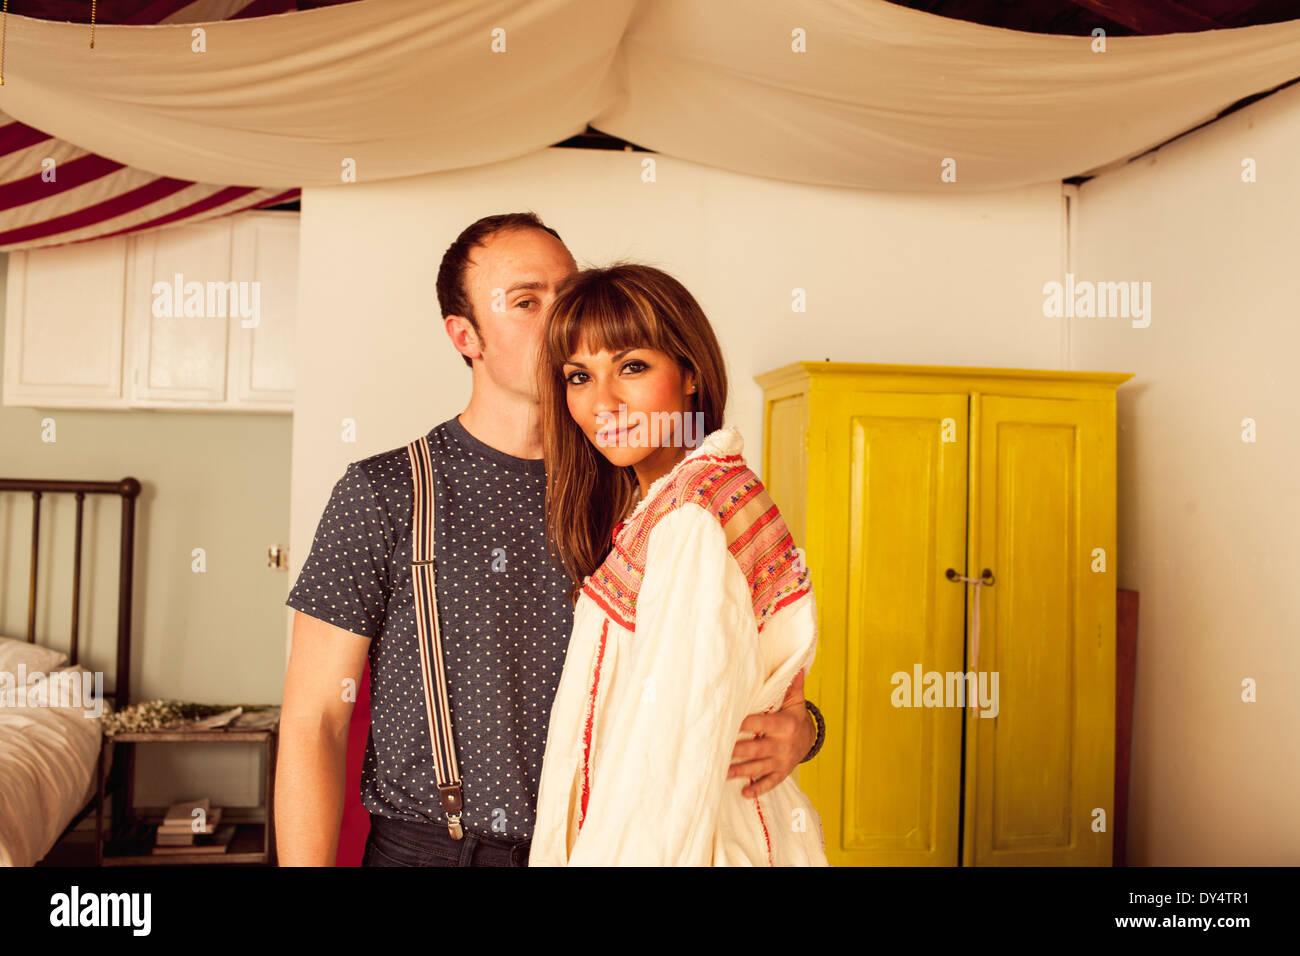 Homme avec bras autour de femme dans la chambre Photo Stock